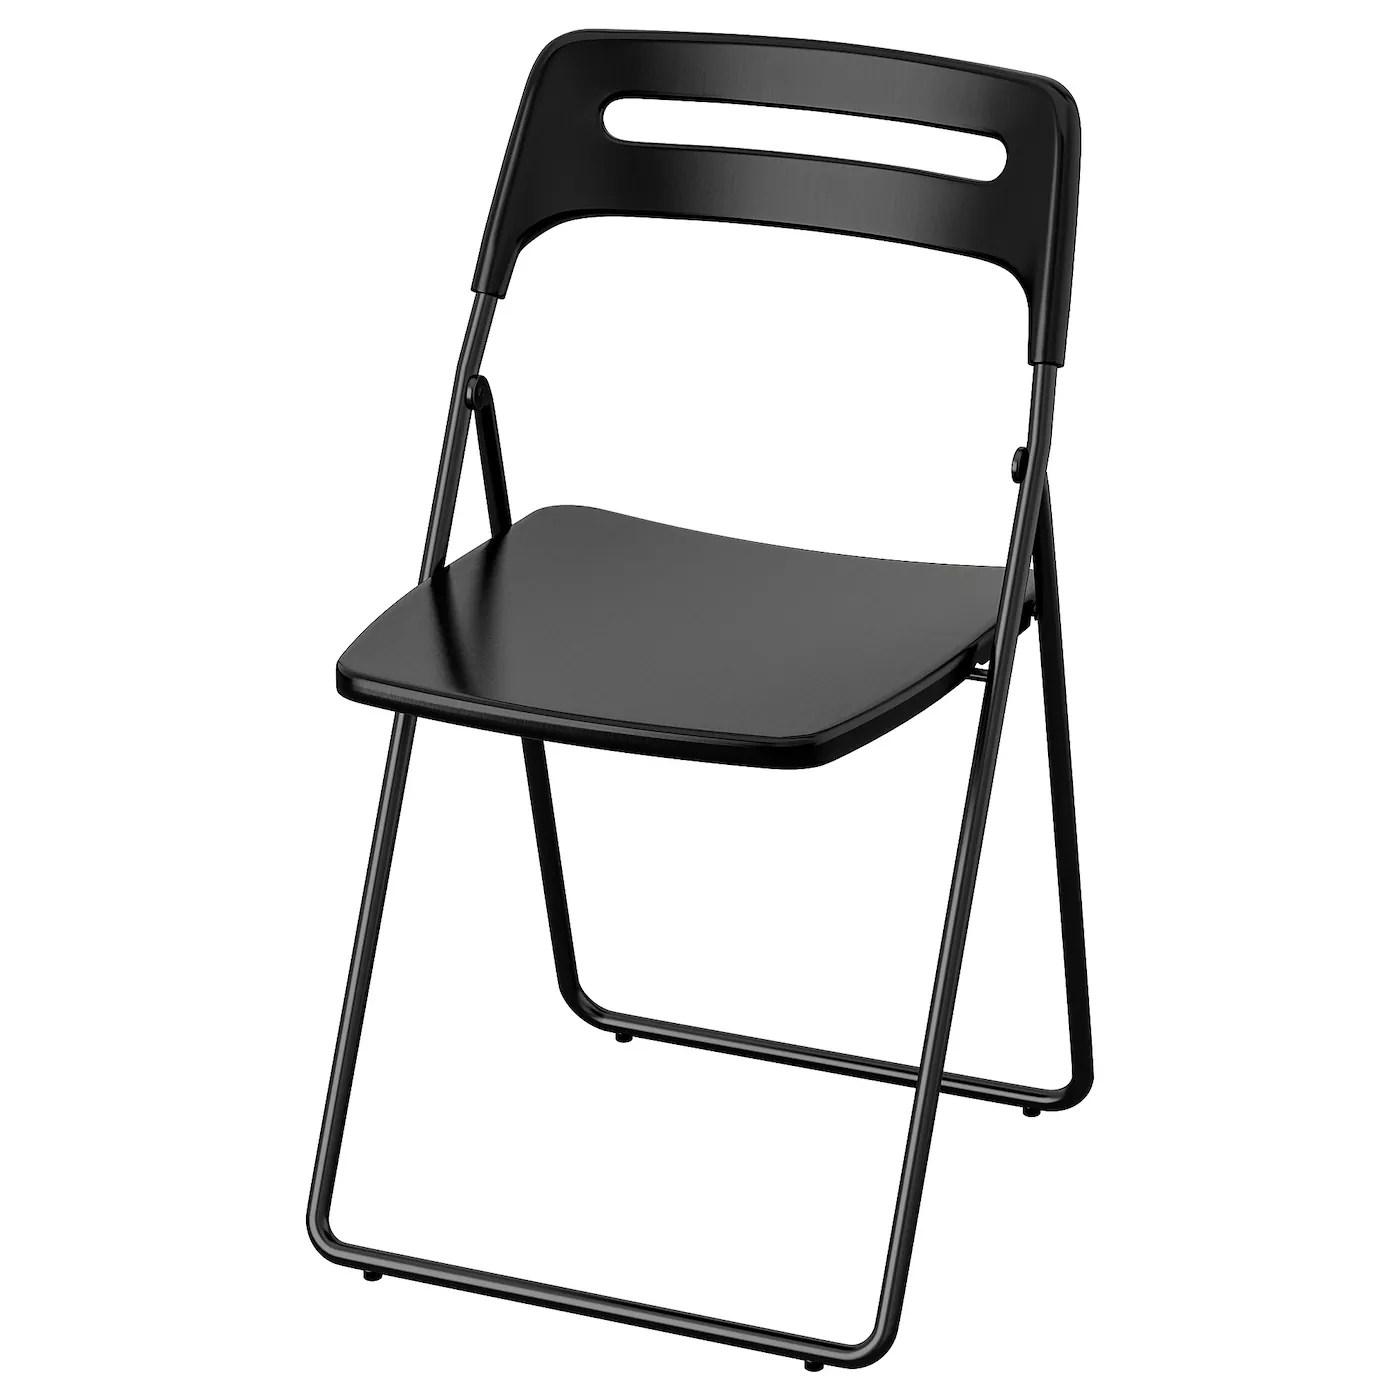 Nisse Chaise Pliante Noir Ikea